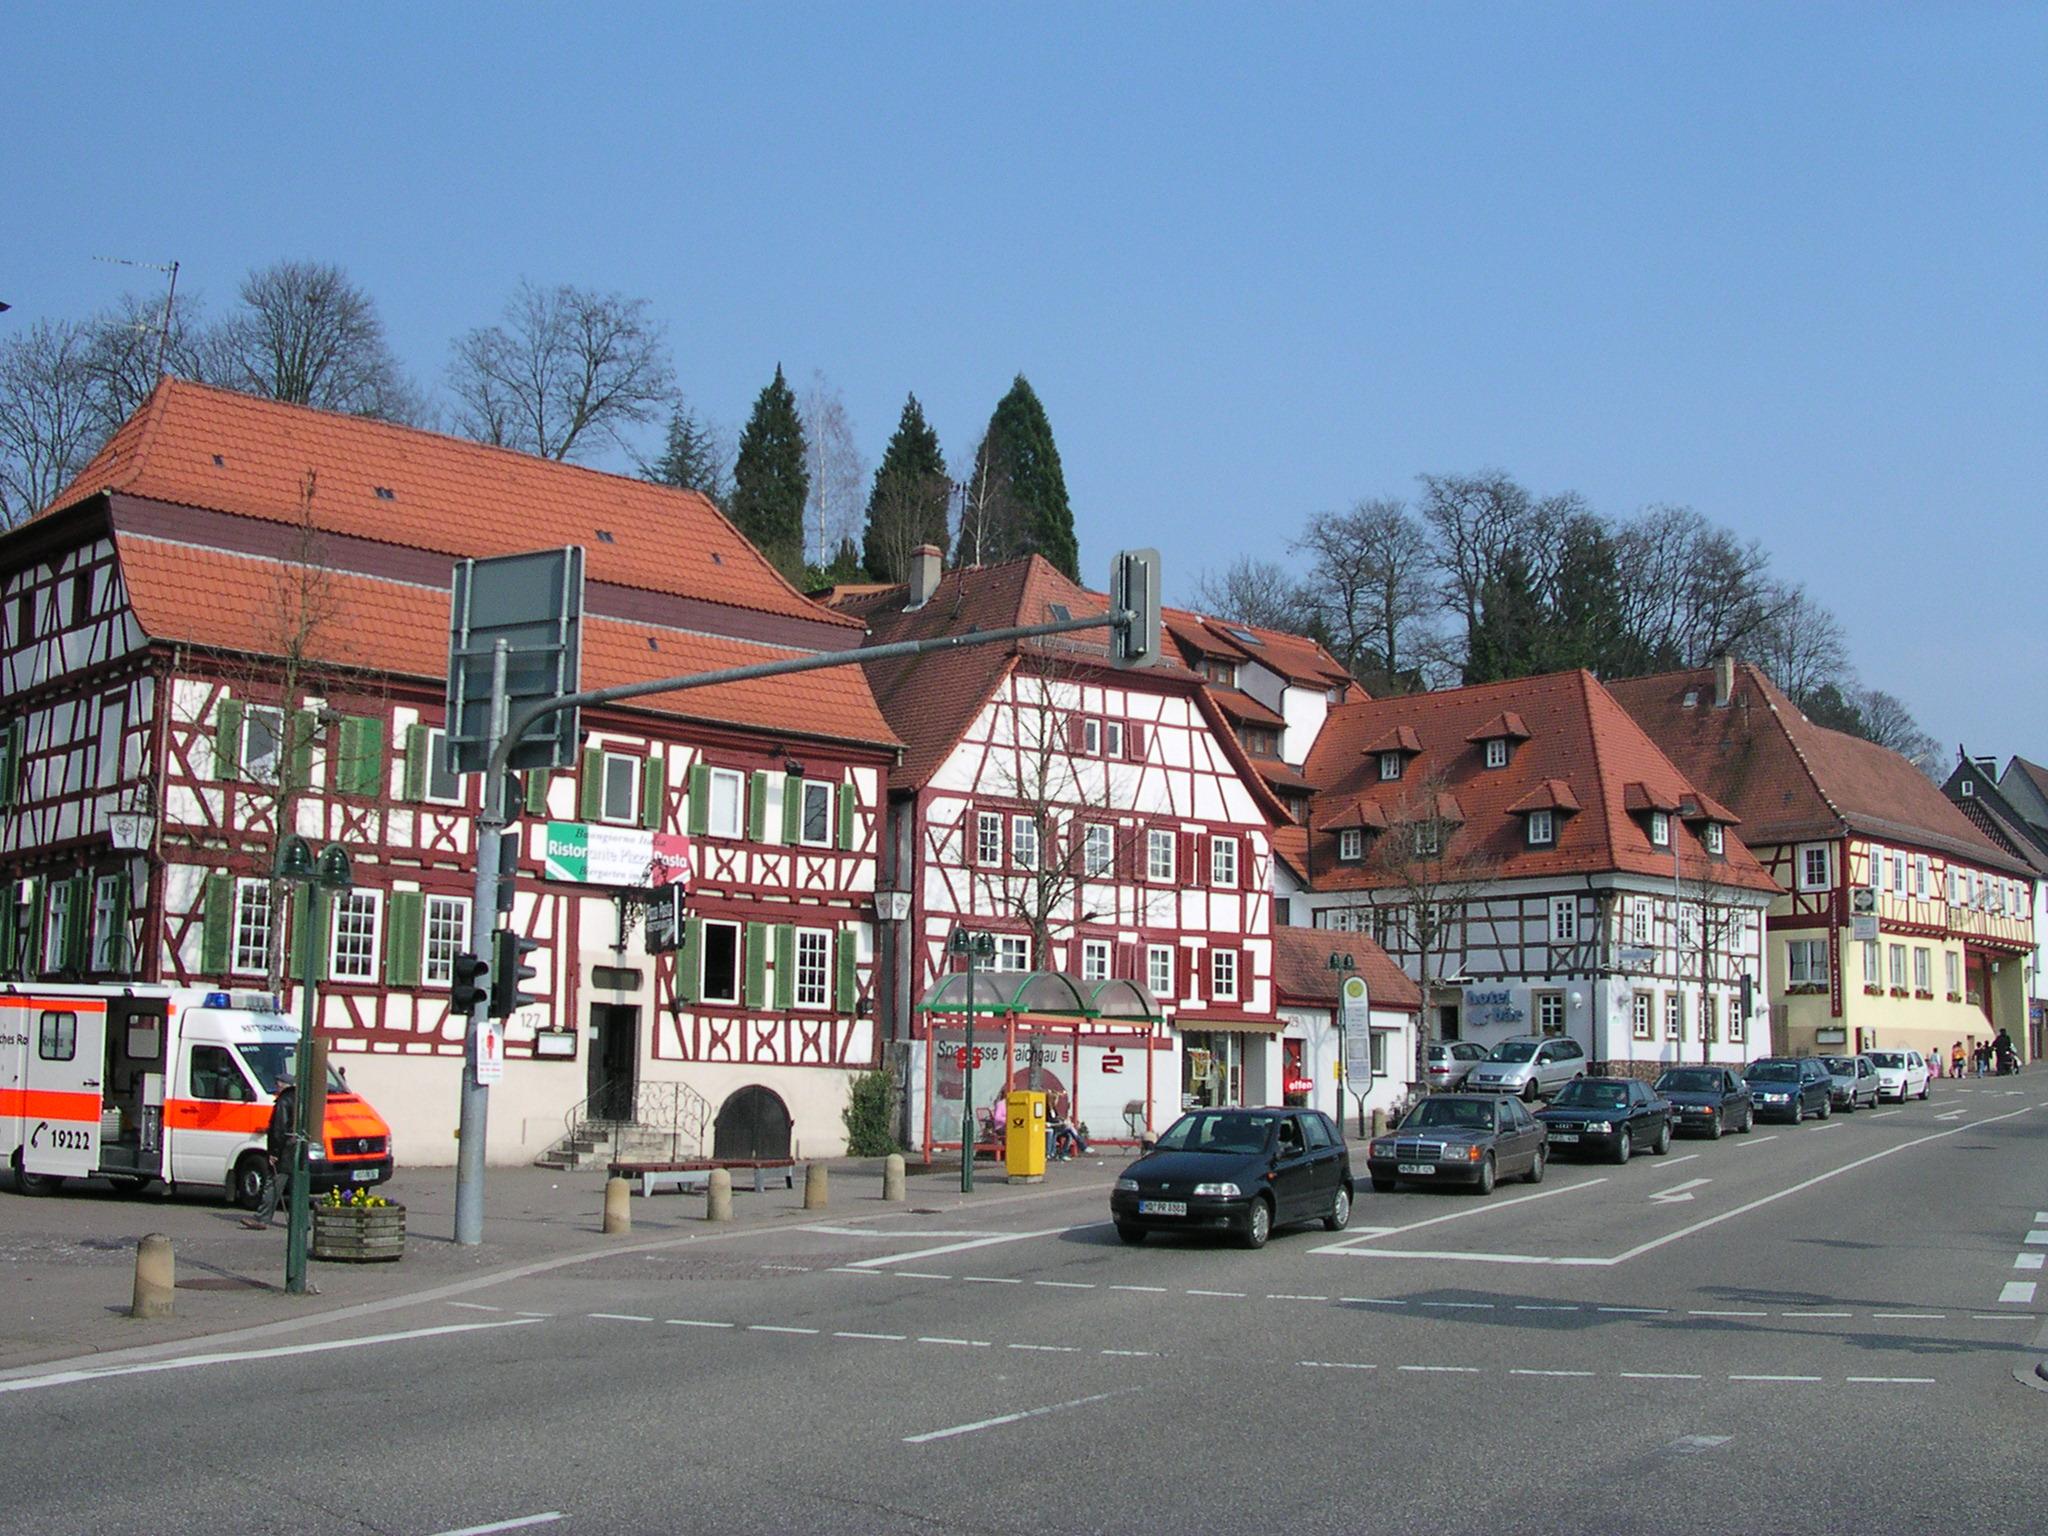 Opiniones de Sinsheim¿Qué opinas sobre Sinsheim?